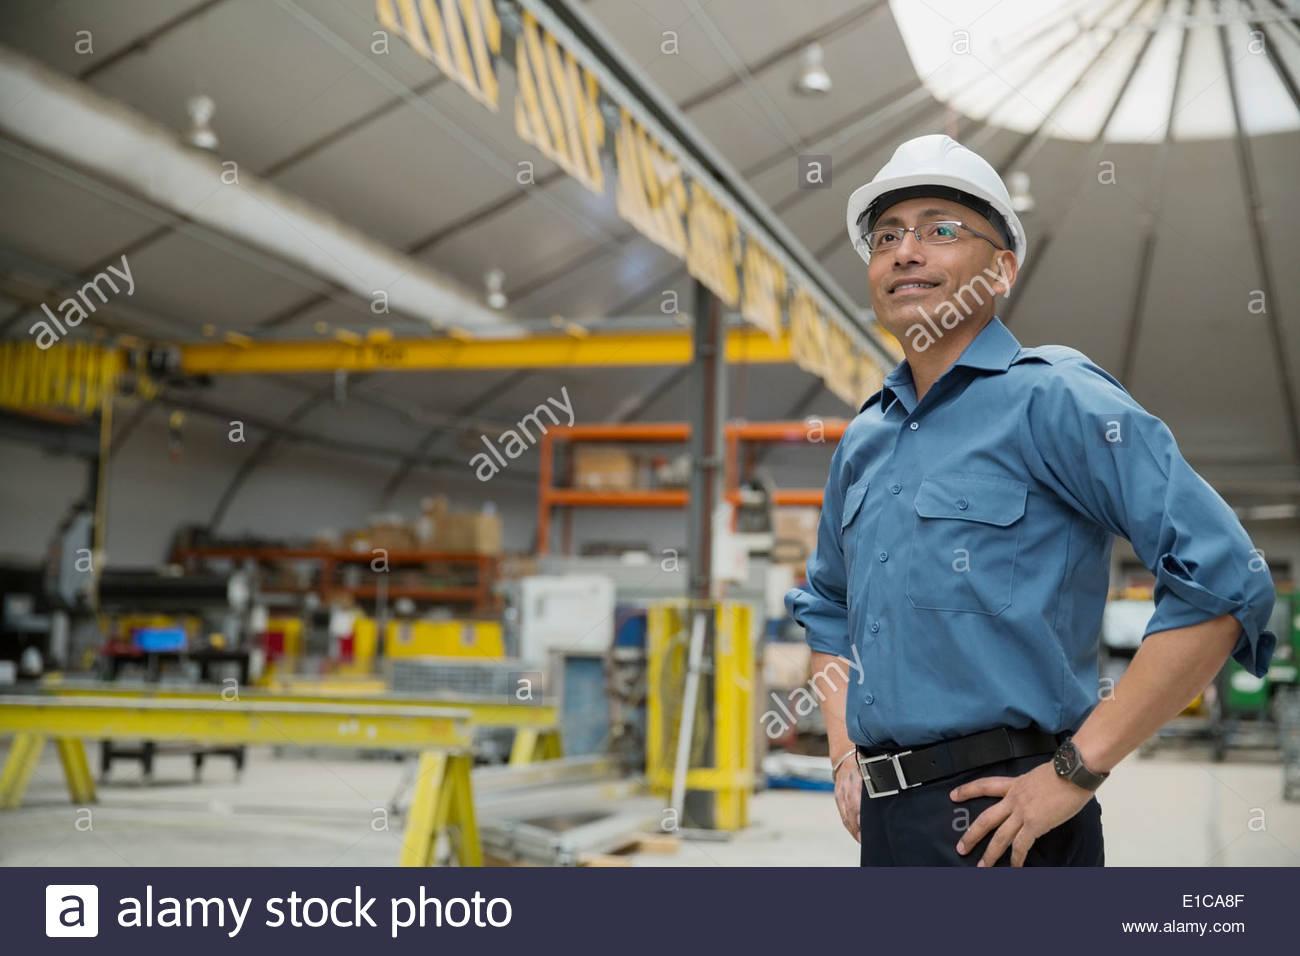 Certains travailleurs en usine de fabrication Photo Stock